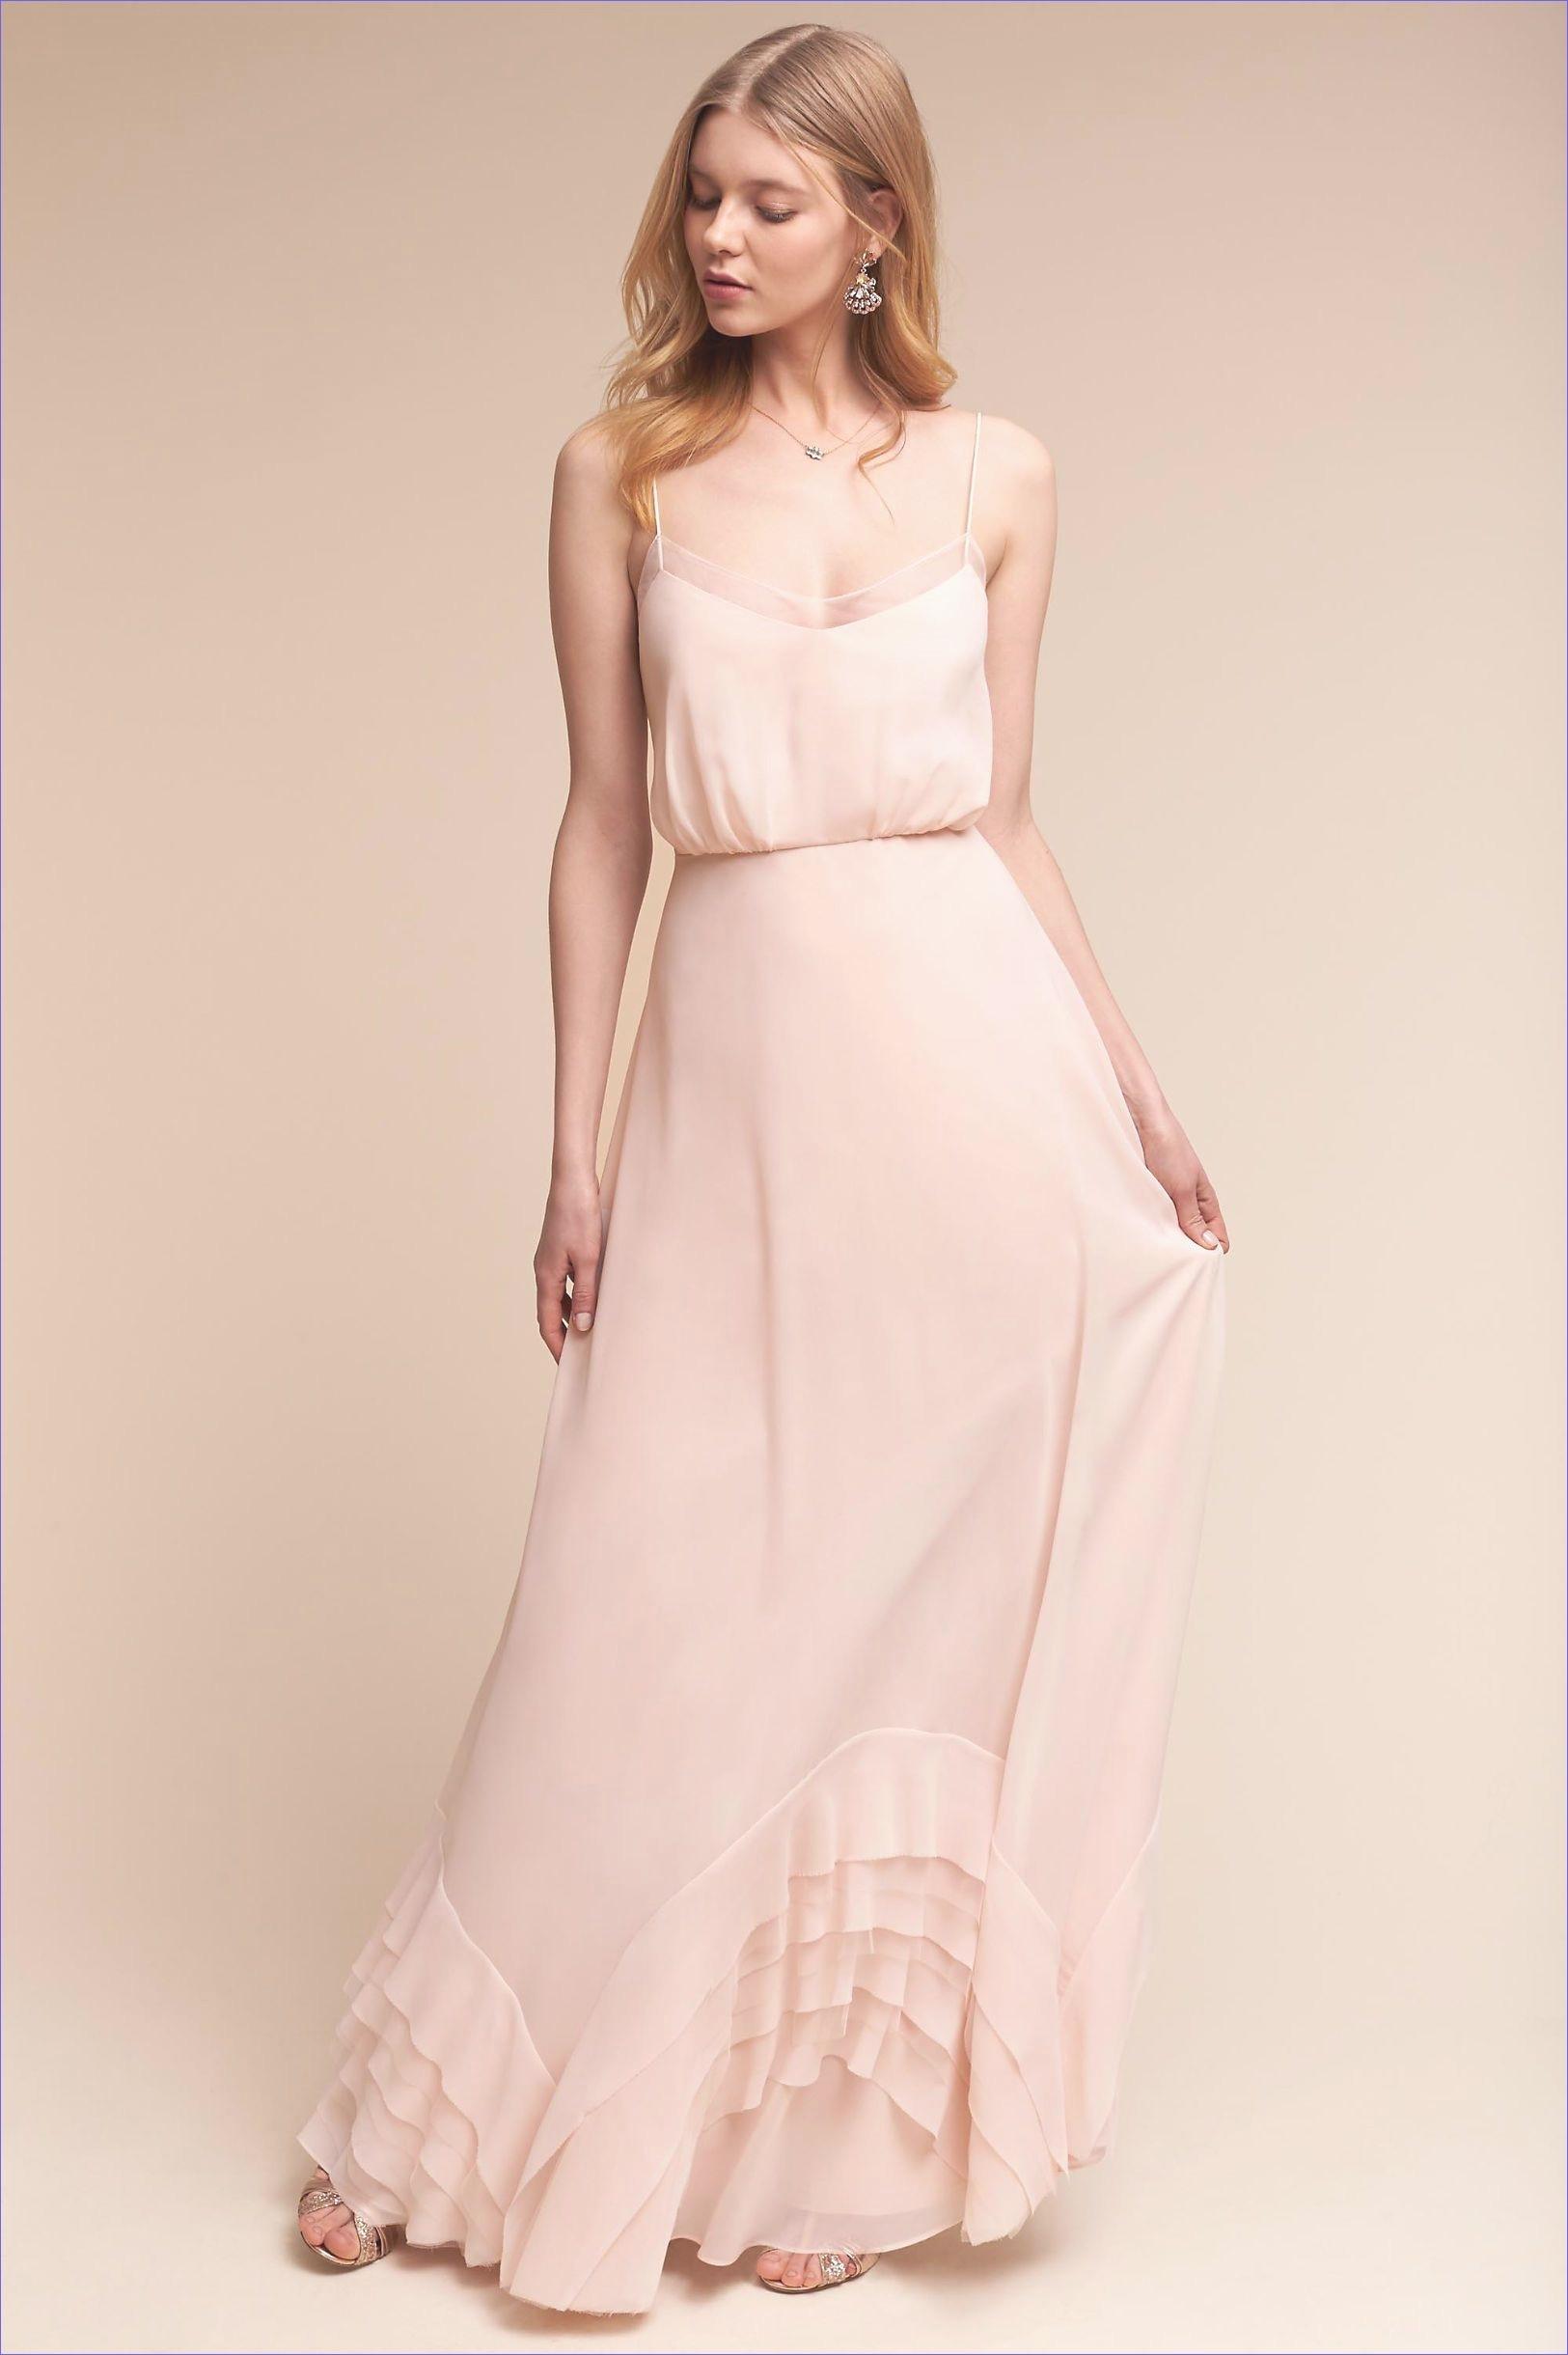 Designer Luxus Kleid Altrosa Hochzeit BoutiqueDesigner Schön Kleid Altrosa Hochzeit Spezialgebiet